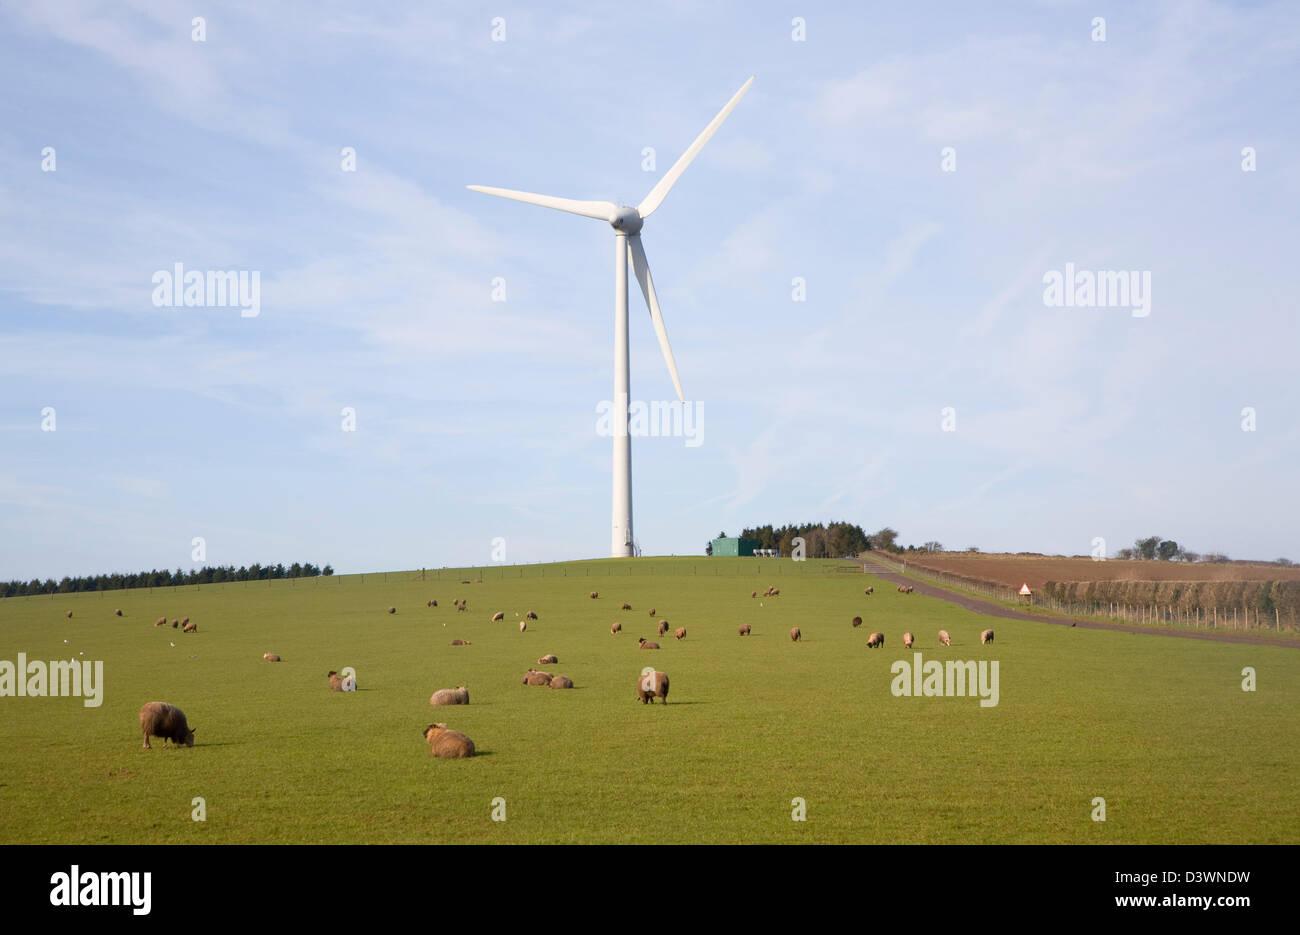 Grand seule éolienne administré par Ecotricity à Shooter's bas, Chewton Mendip, Somerset, Angleterre Photo Stock